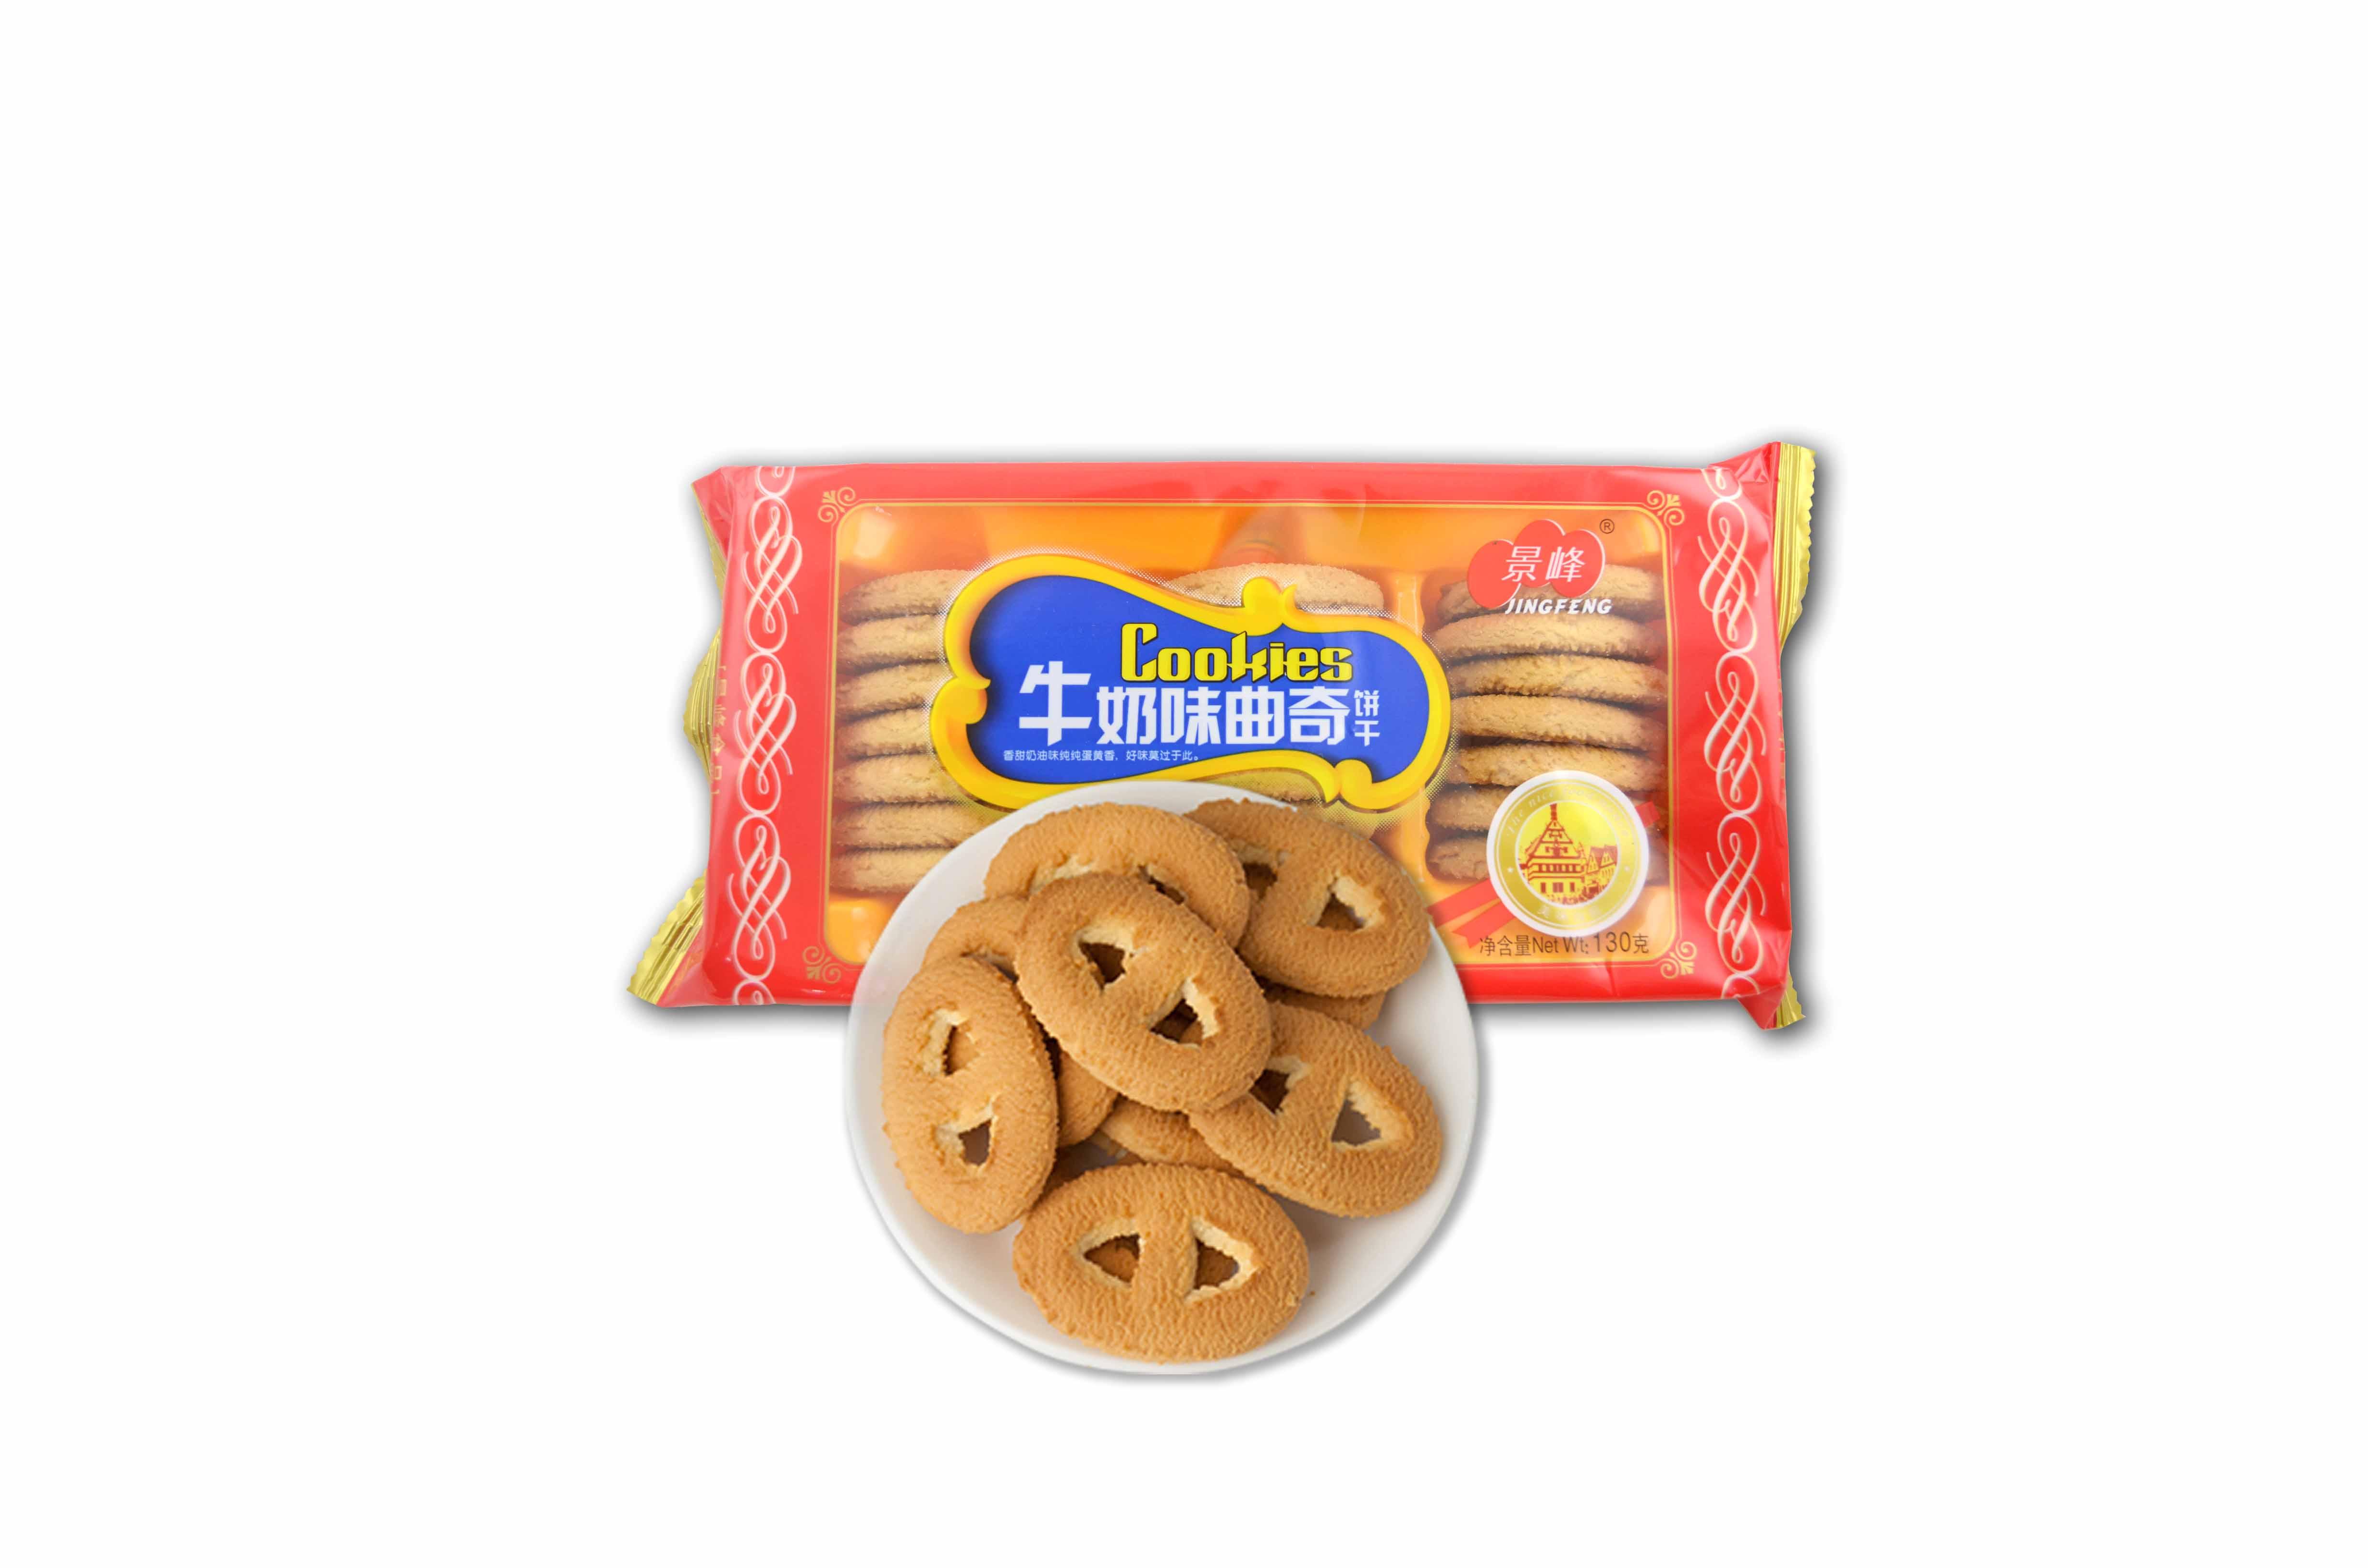 牛奶味曲奇饼干(130g)